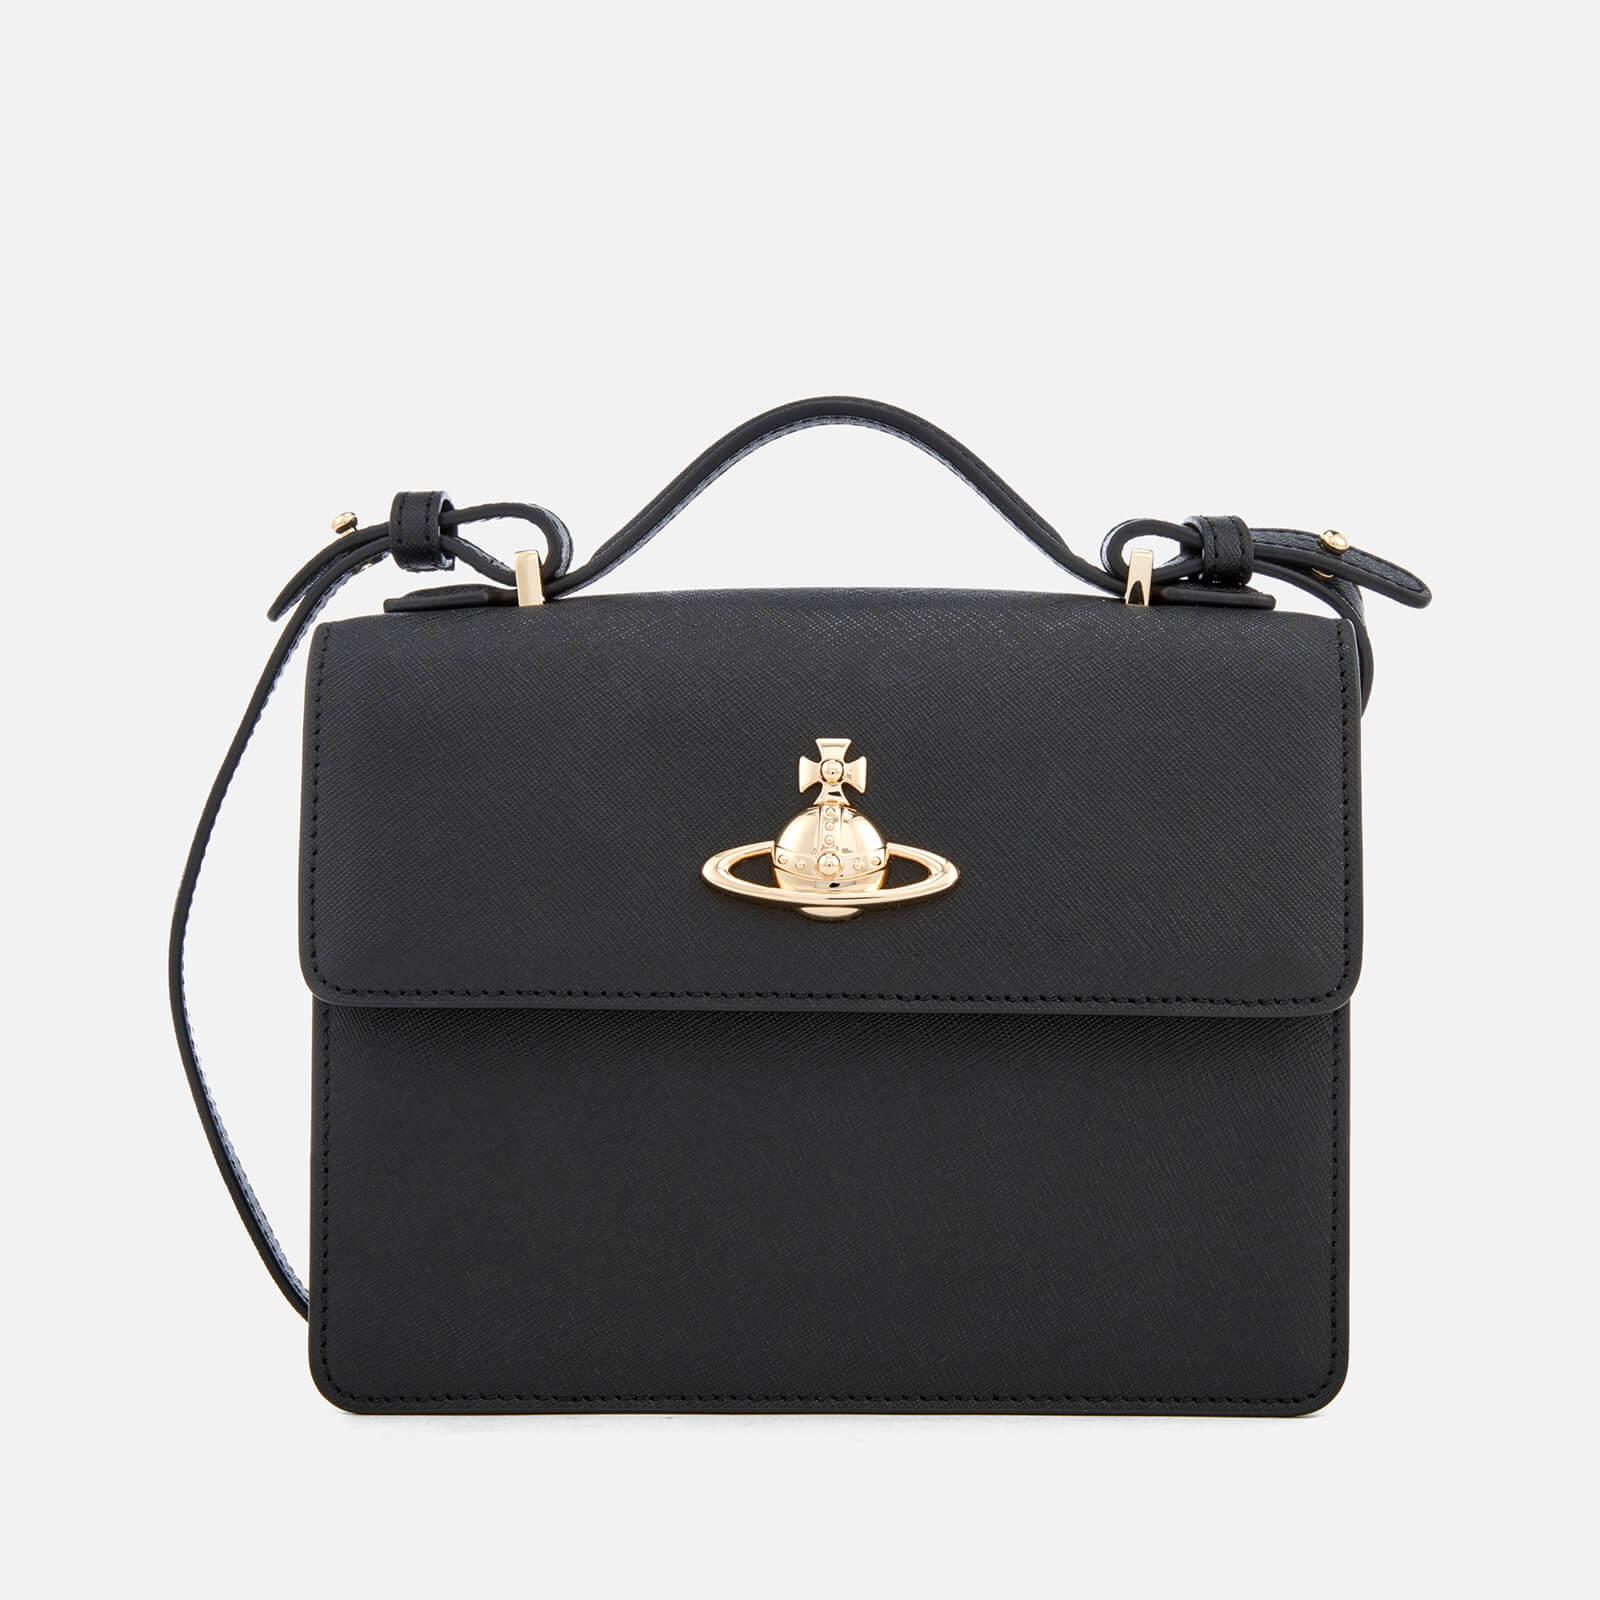 4d295a5e7f91 Vivienne Westwood Women's Pimlico Shoulder Bag - Black